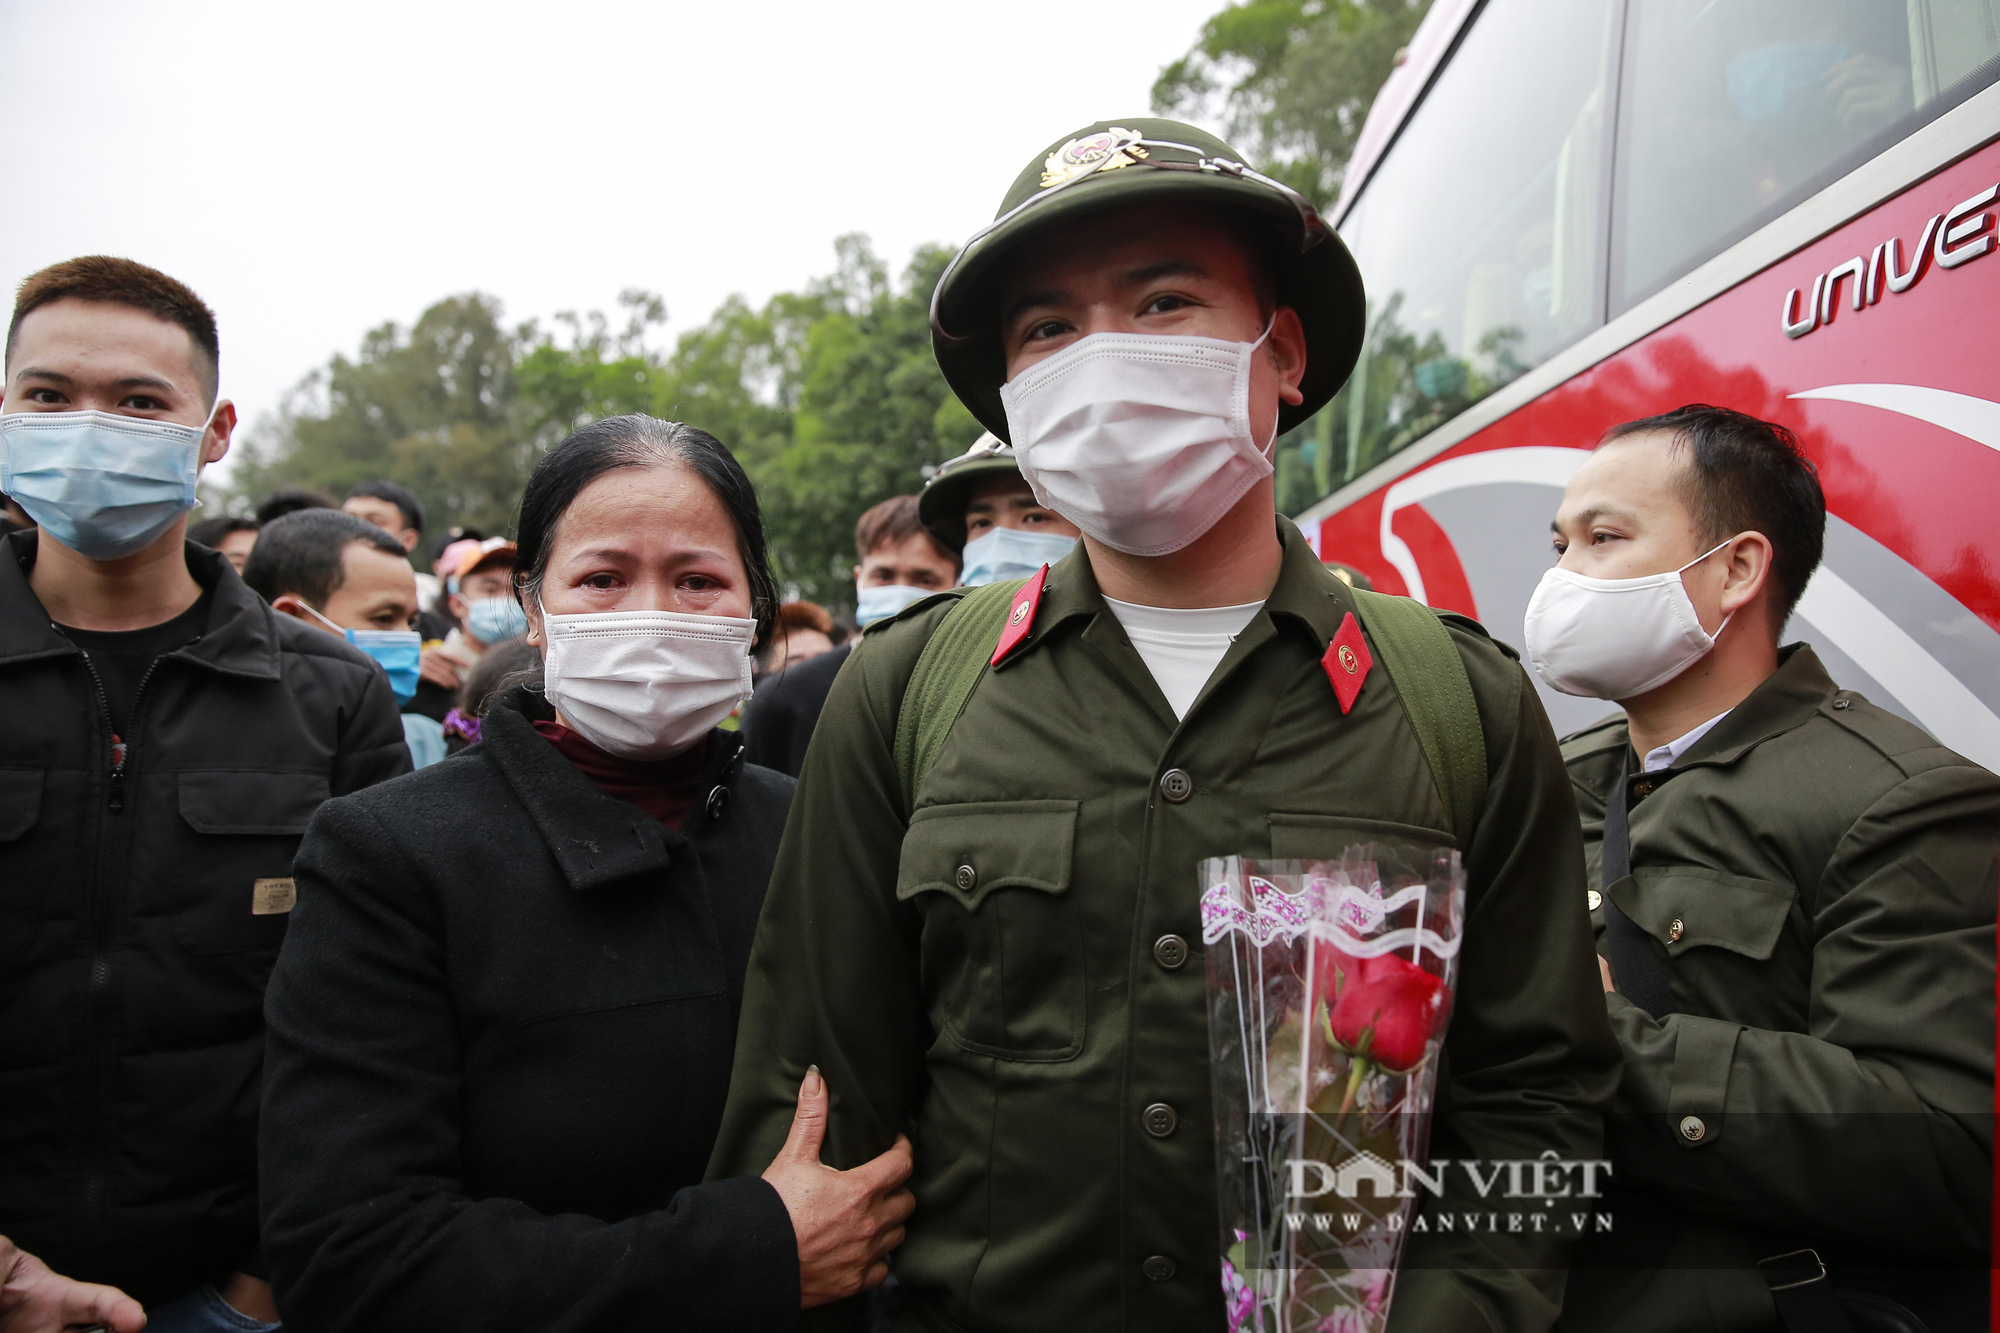 Khoảnh khắc xúc động ngày thanh niên Hà Nội lên đường thực hiện nghĩa vụ quân sự - Ảnh 5.